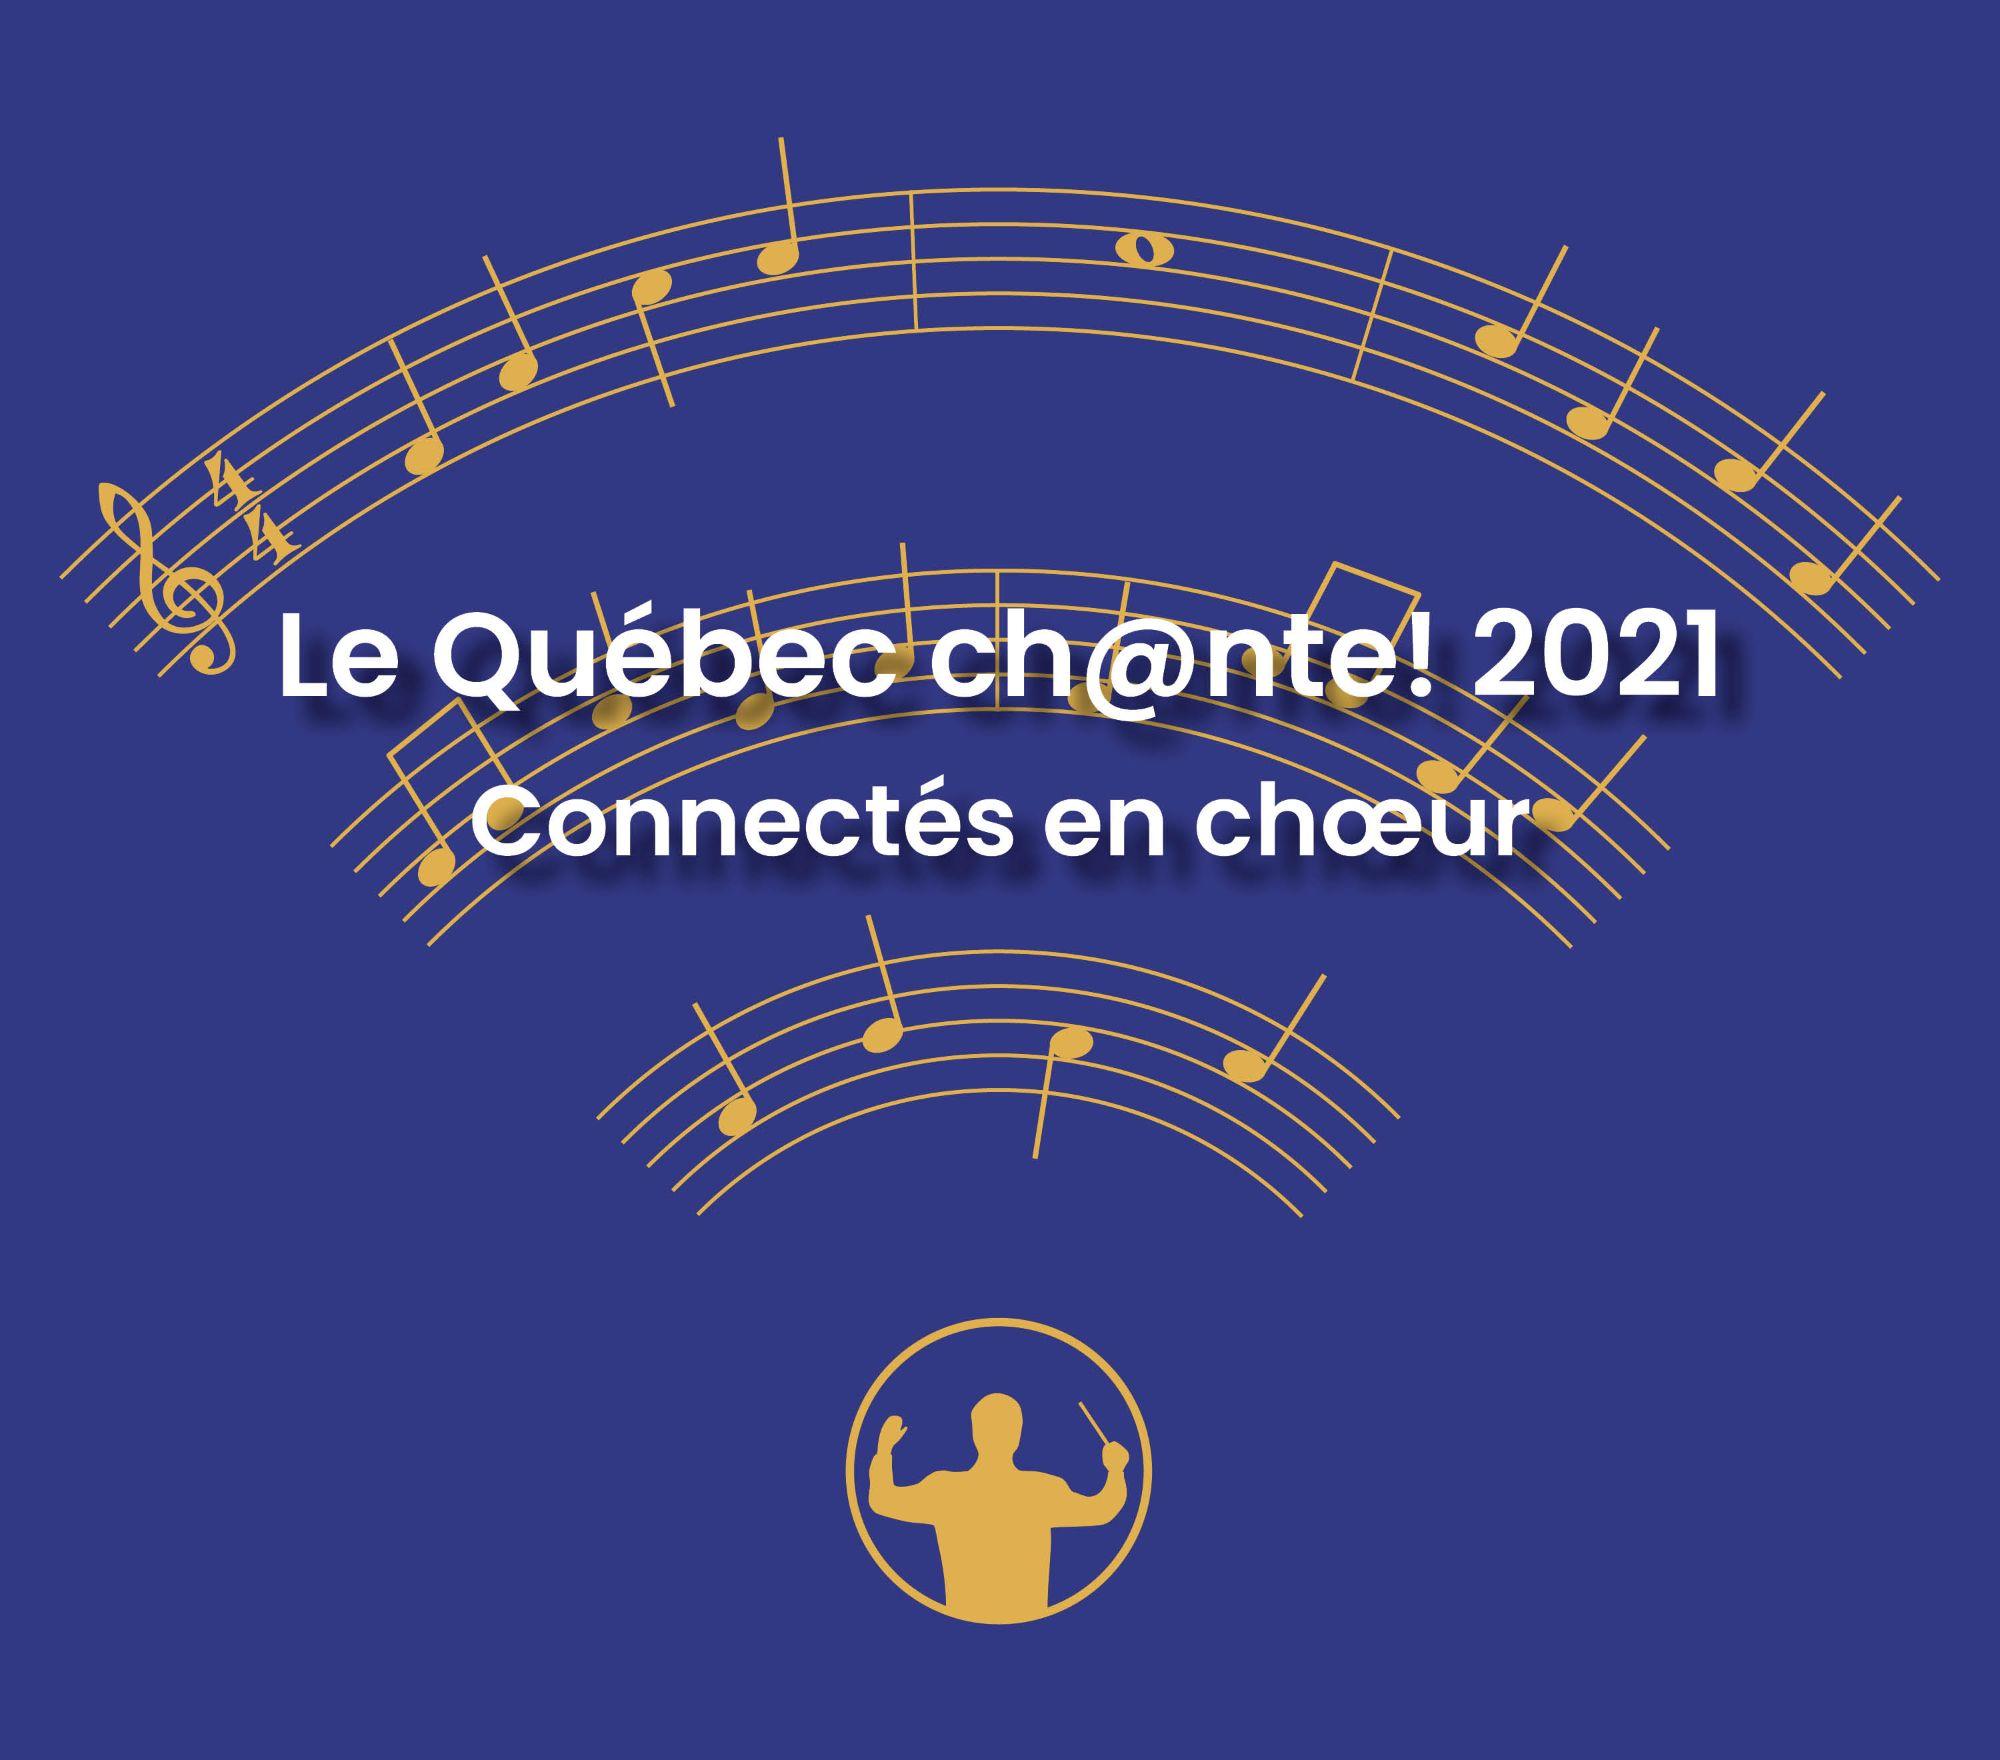 Le Québec ch@nte! 2021   connectés en choeur